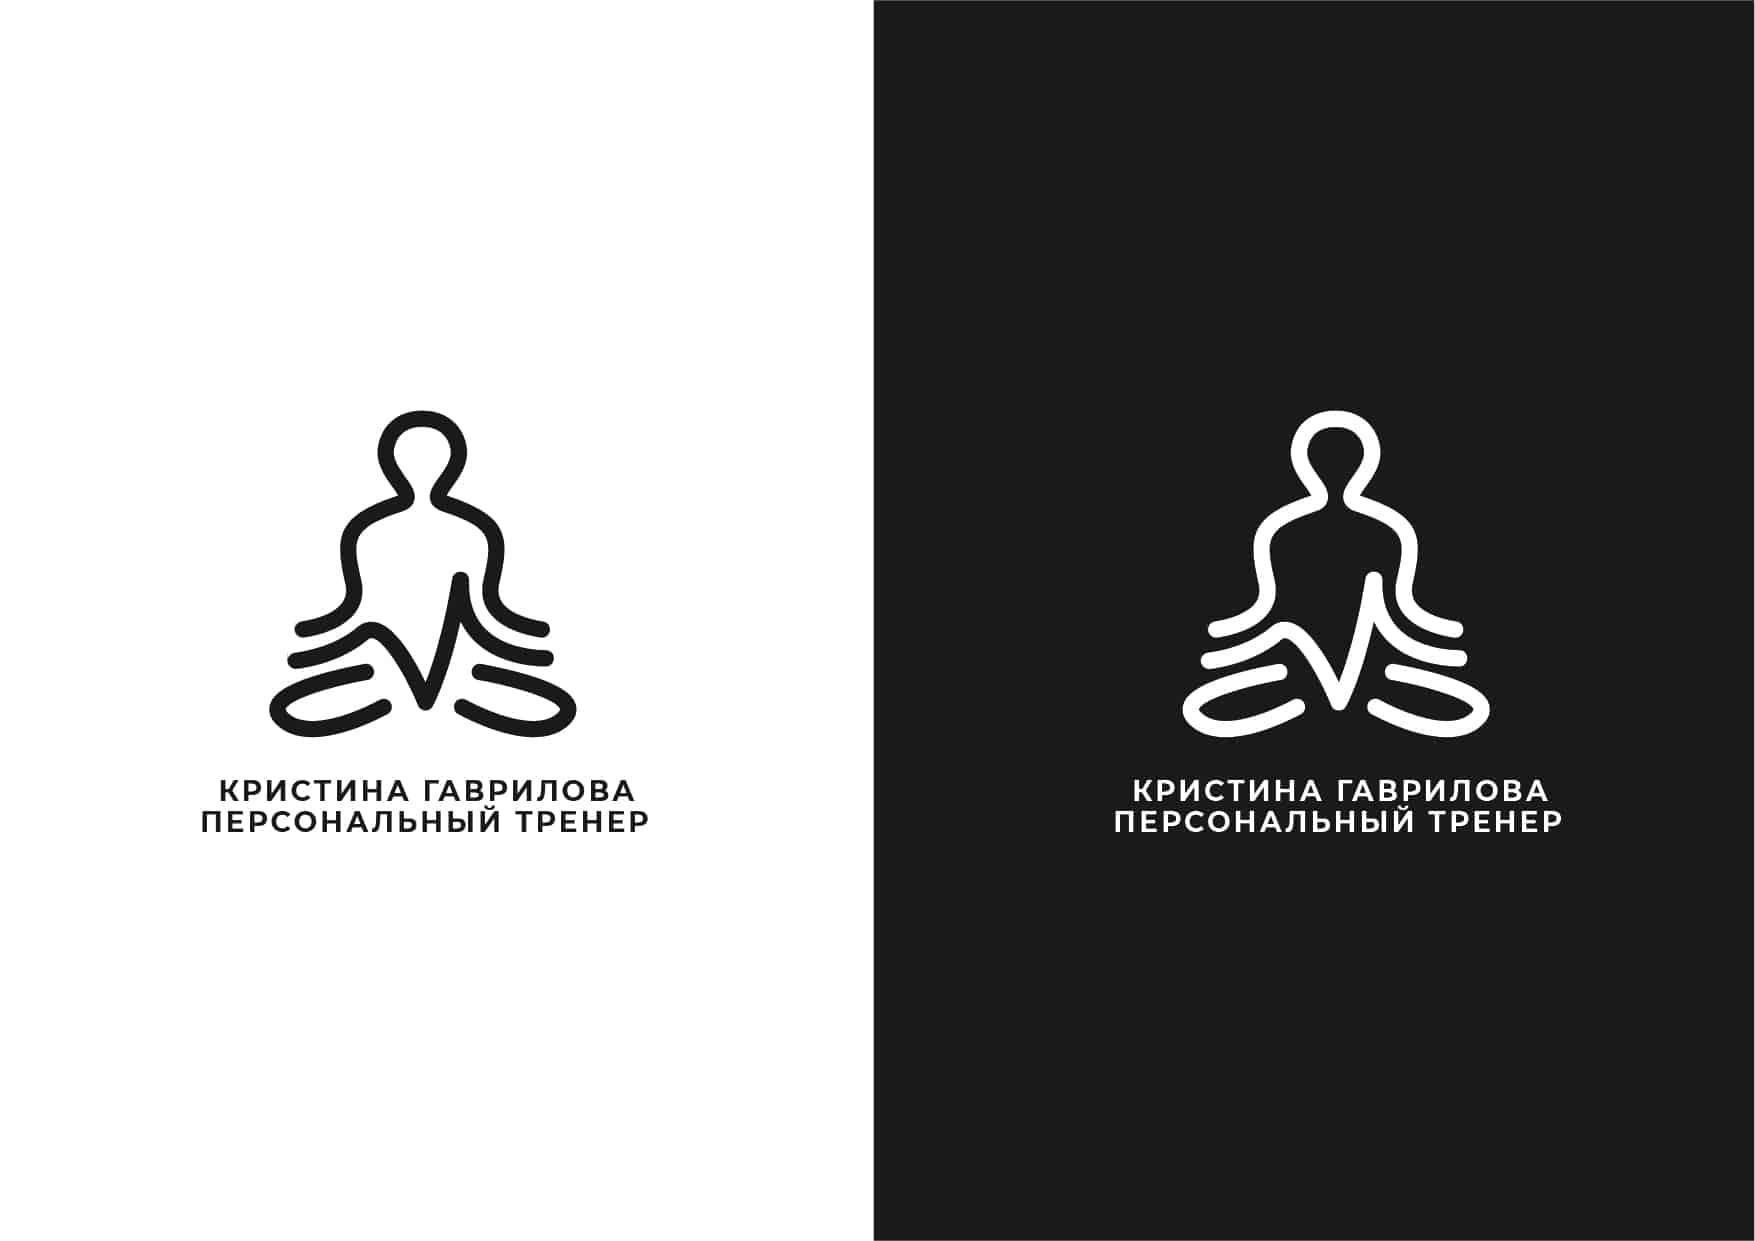 Логотип персонального тренера по йоге и фитнесу 18